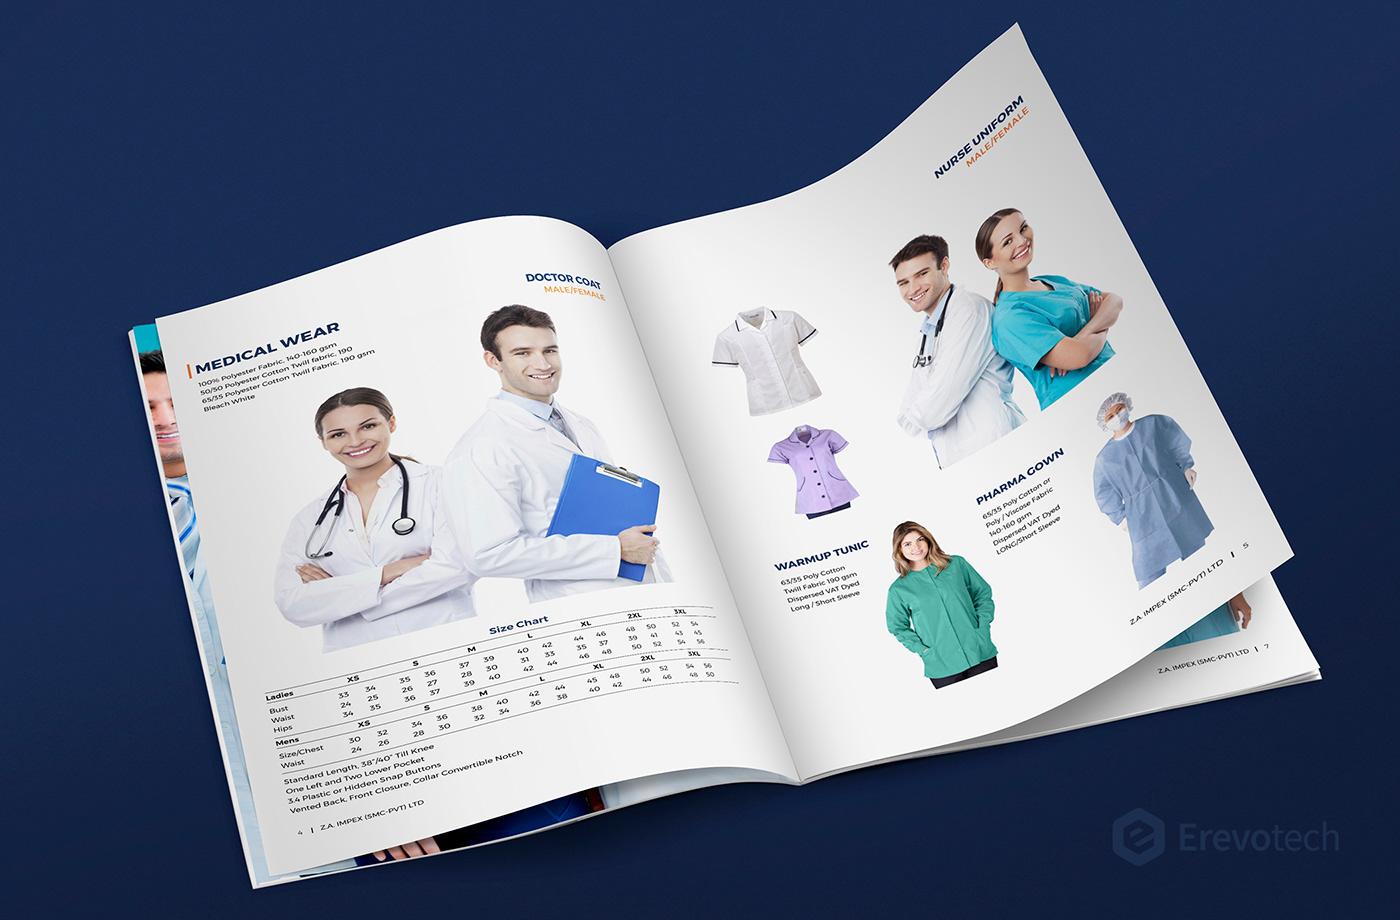 medical wear supplier profile design